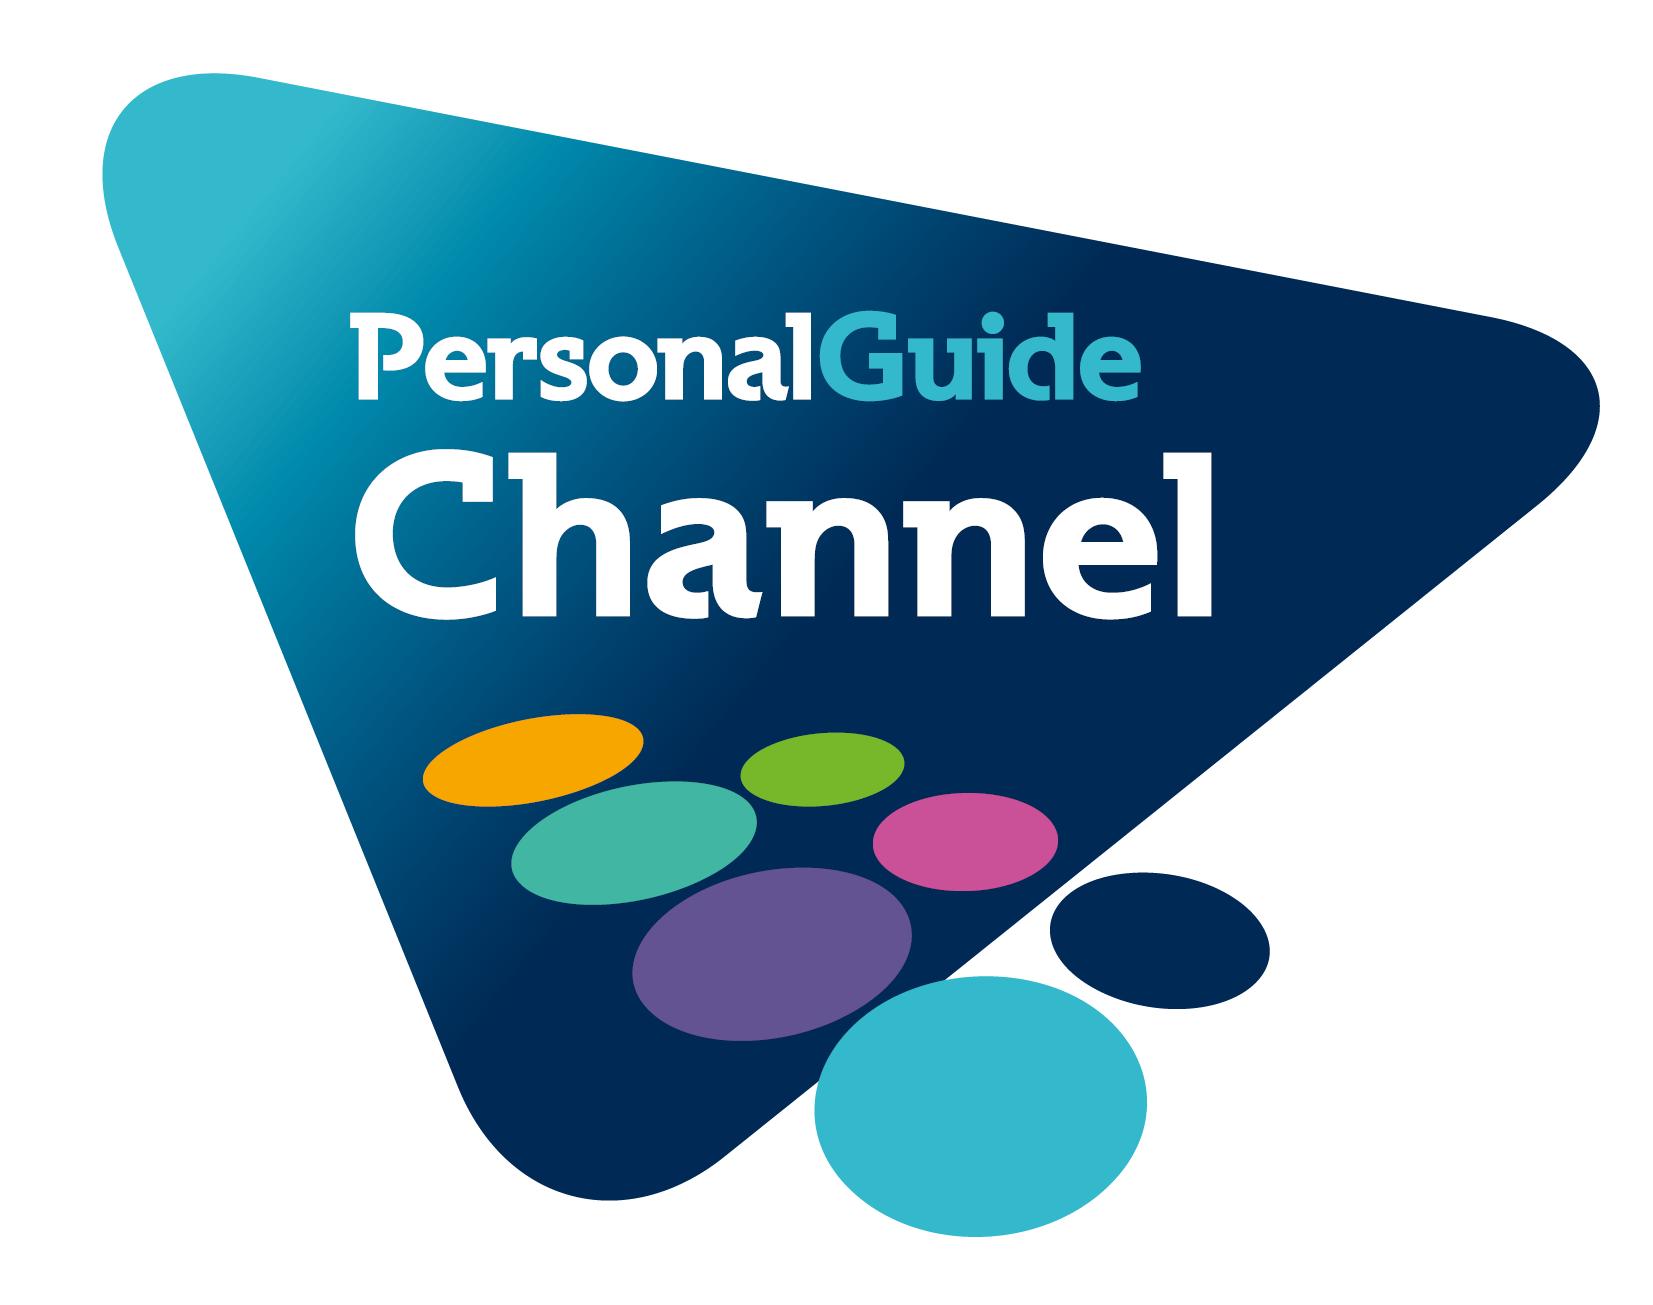 personalguide channel